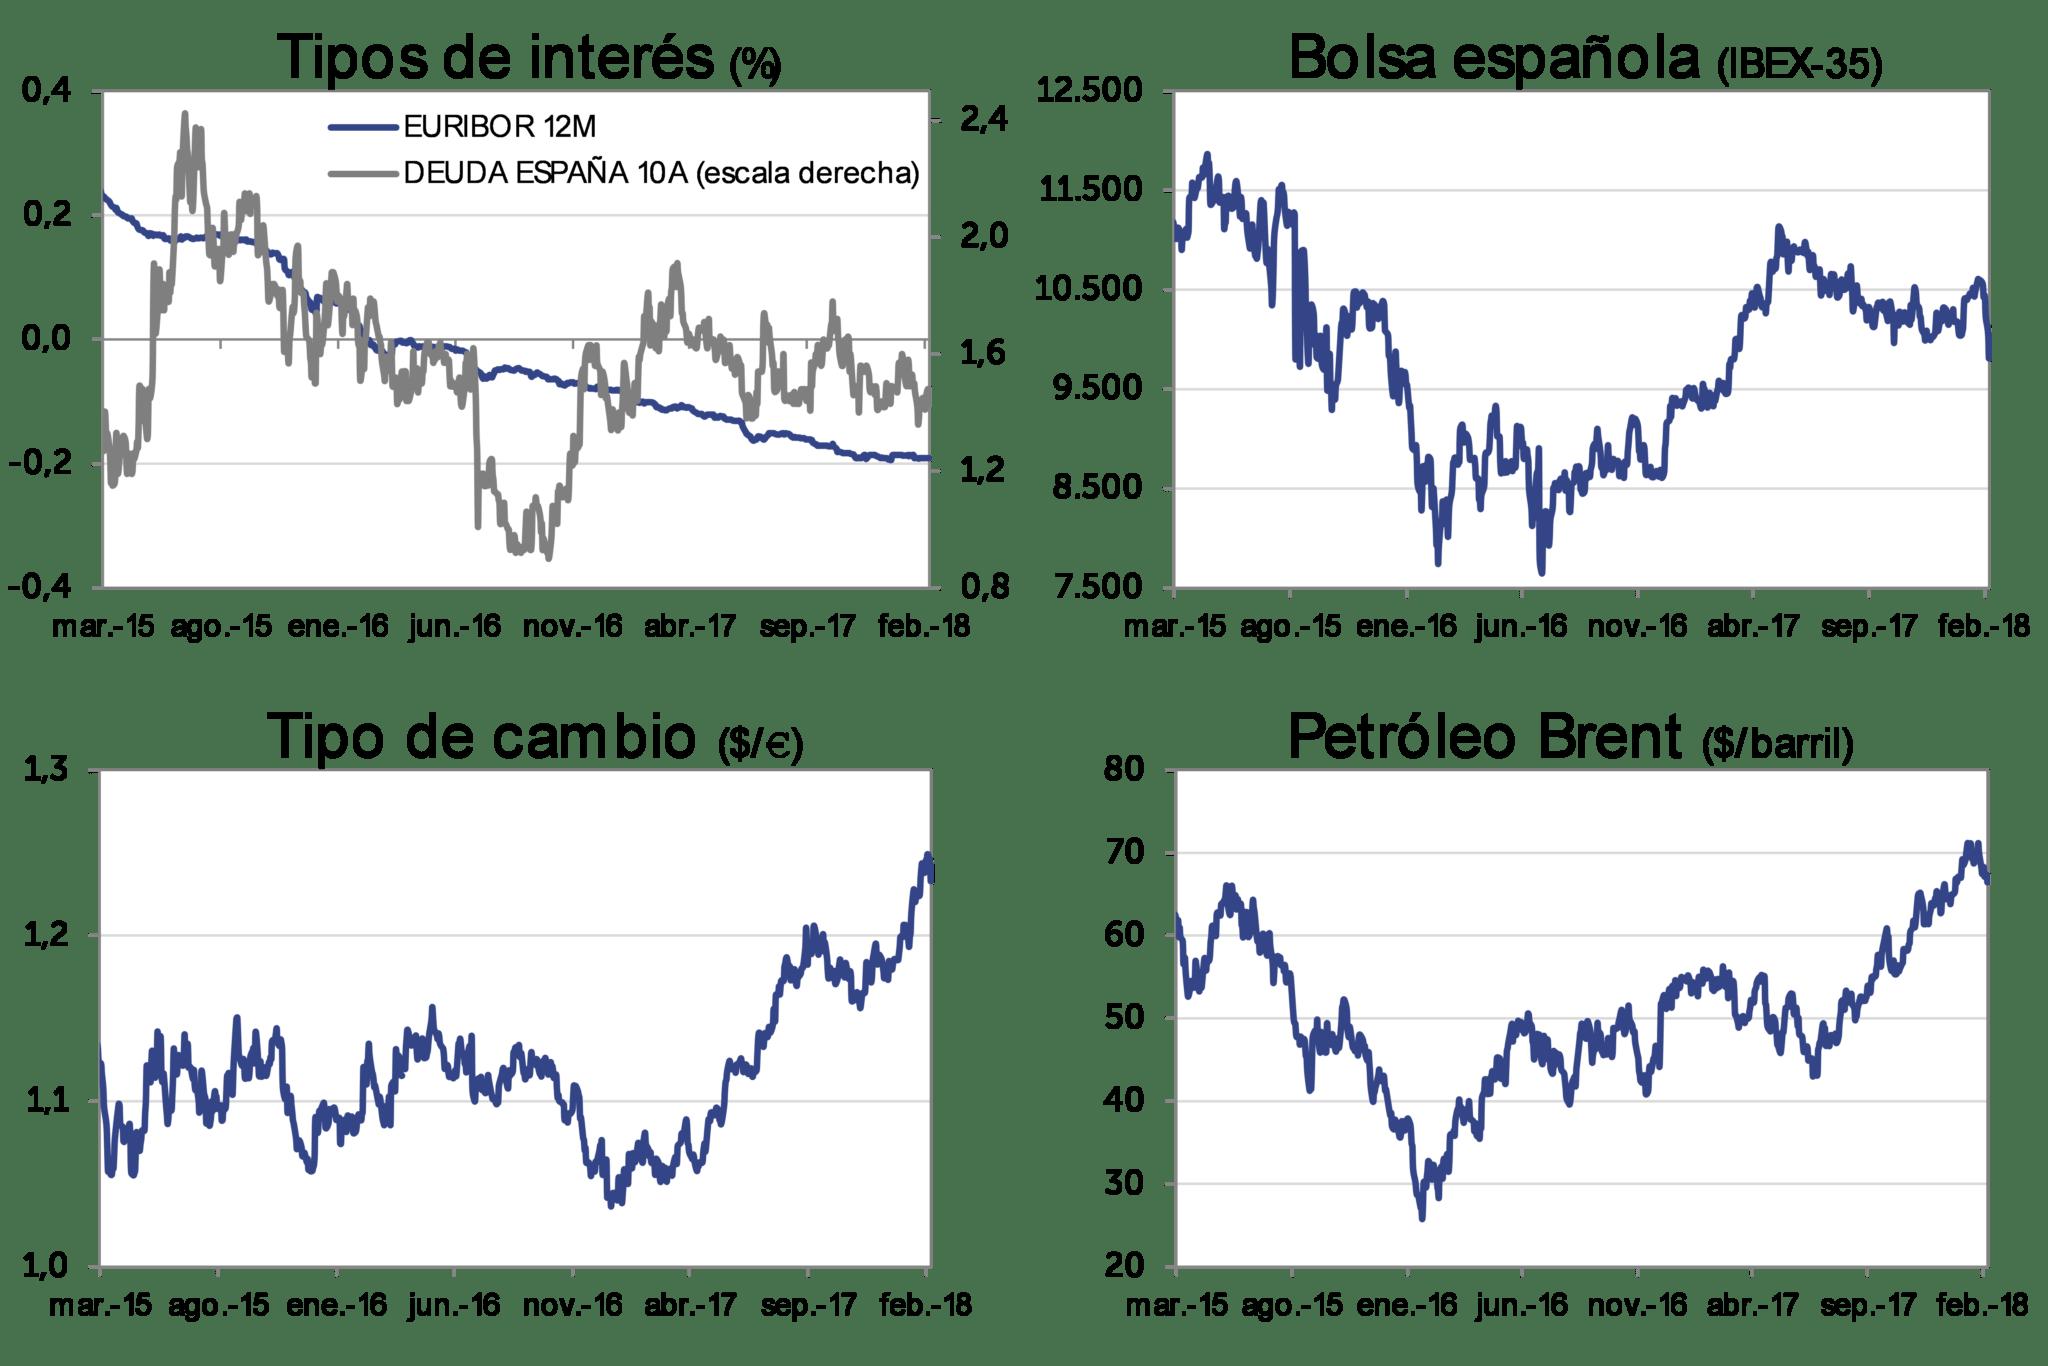 Evolución Mercado marzo-2018: Tipos de interés, bolsa española (IBEX-35), Tipo de cambio (dolar/euro), Petróleo Brent (dolar/barril)